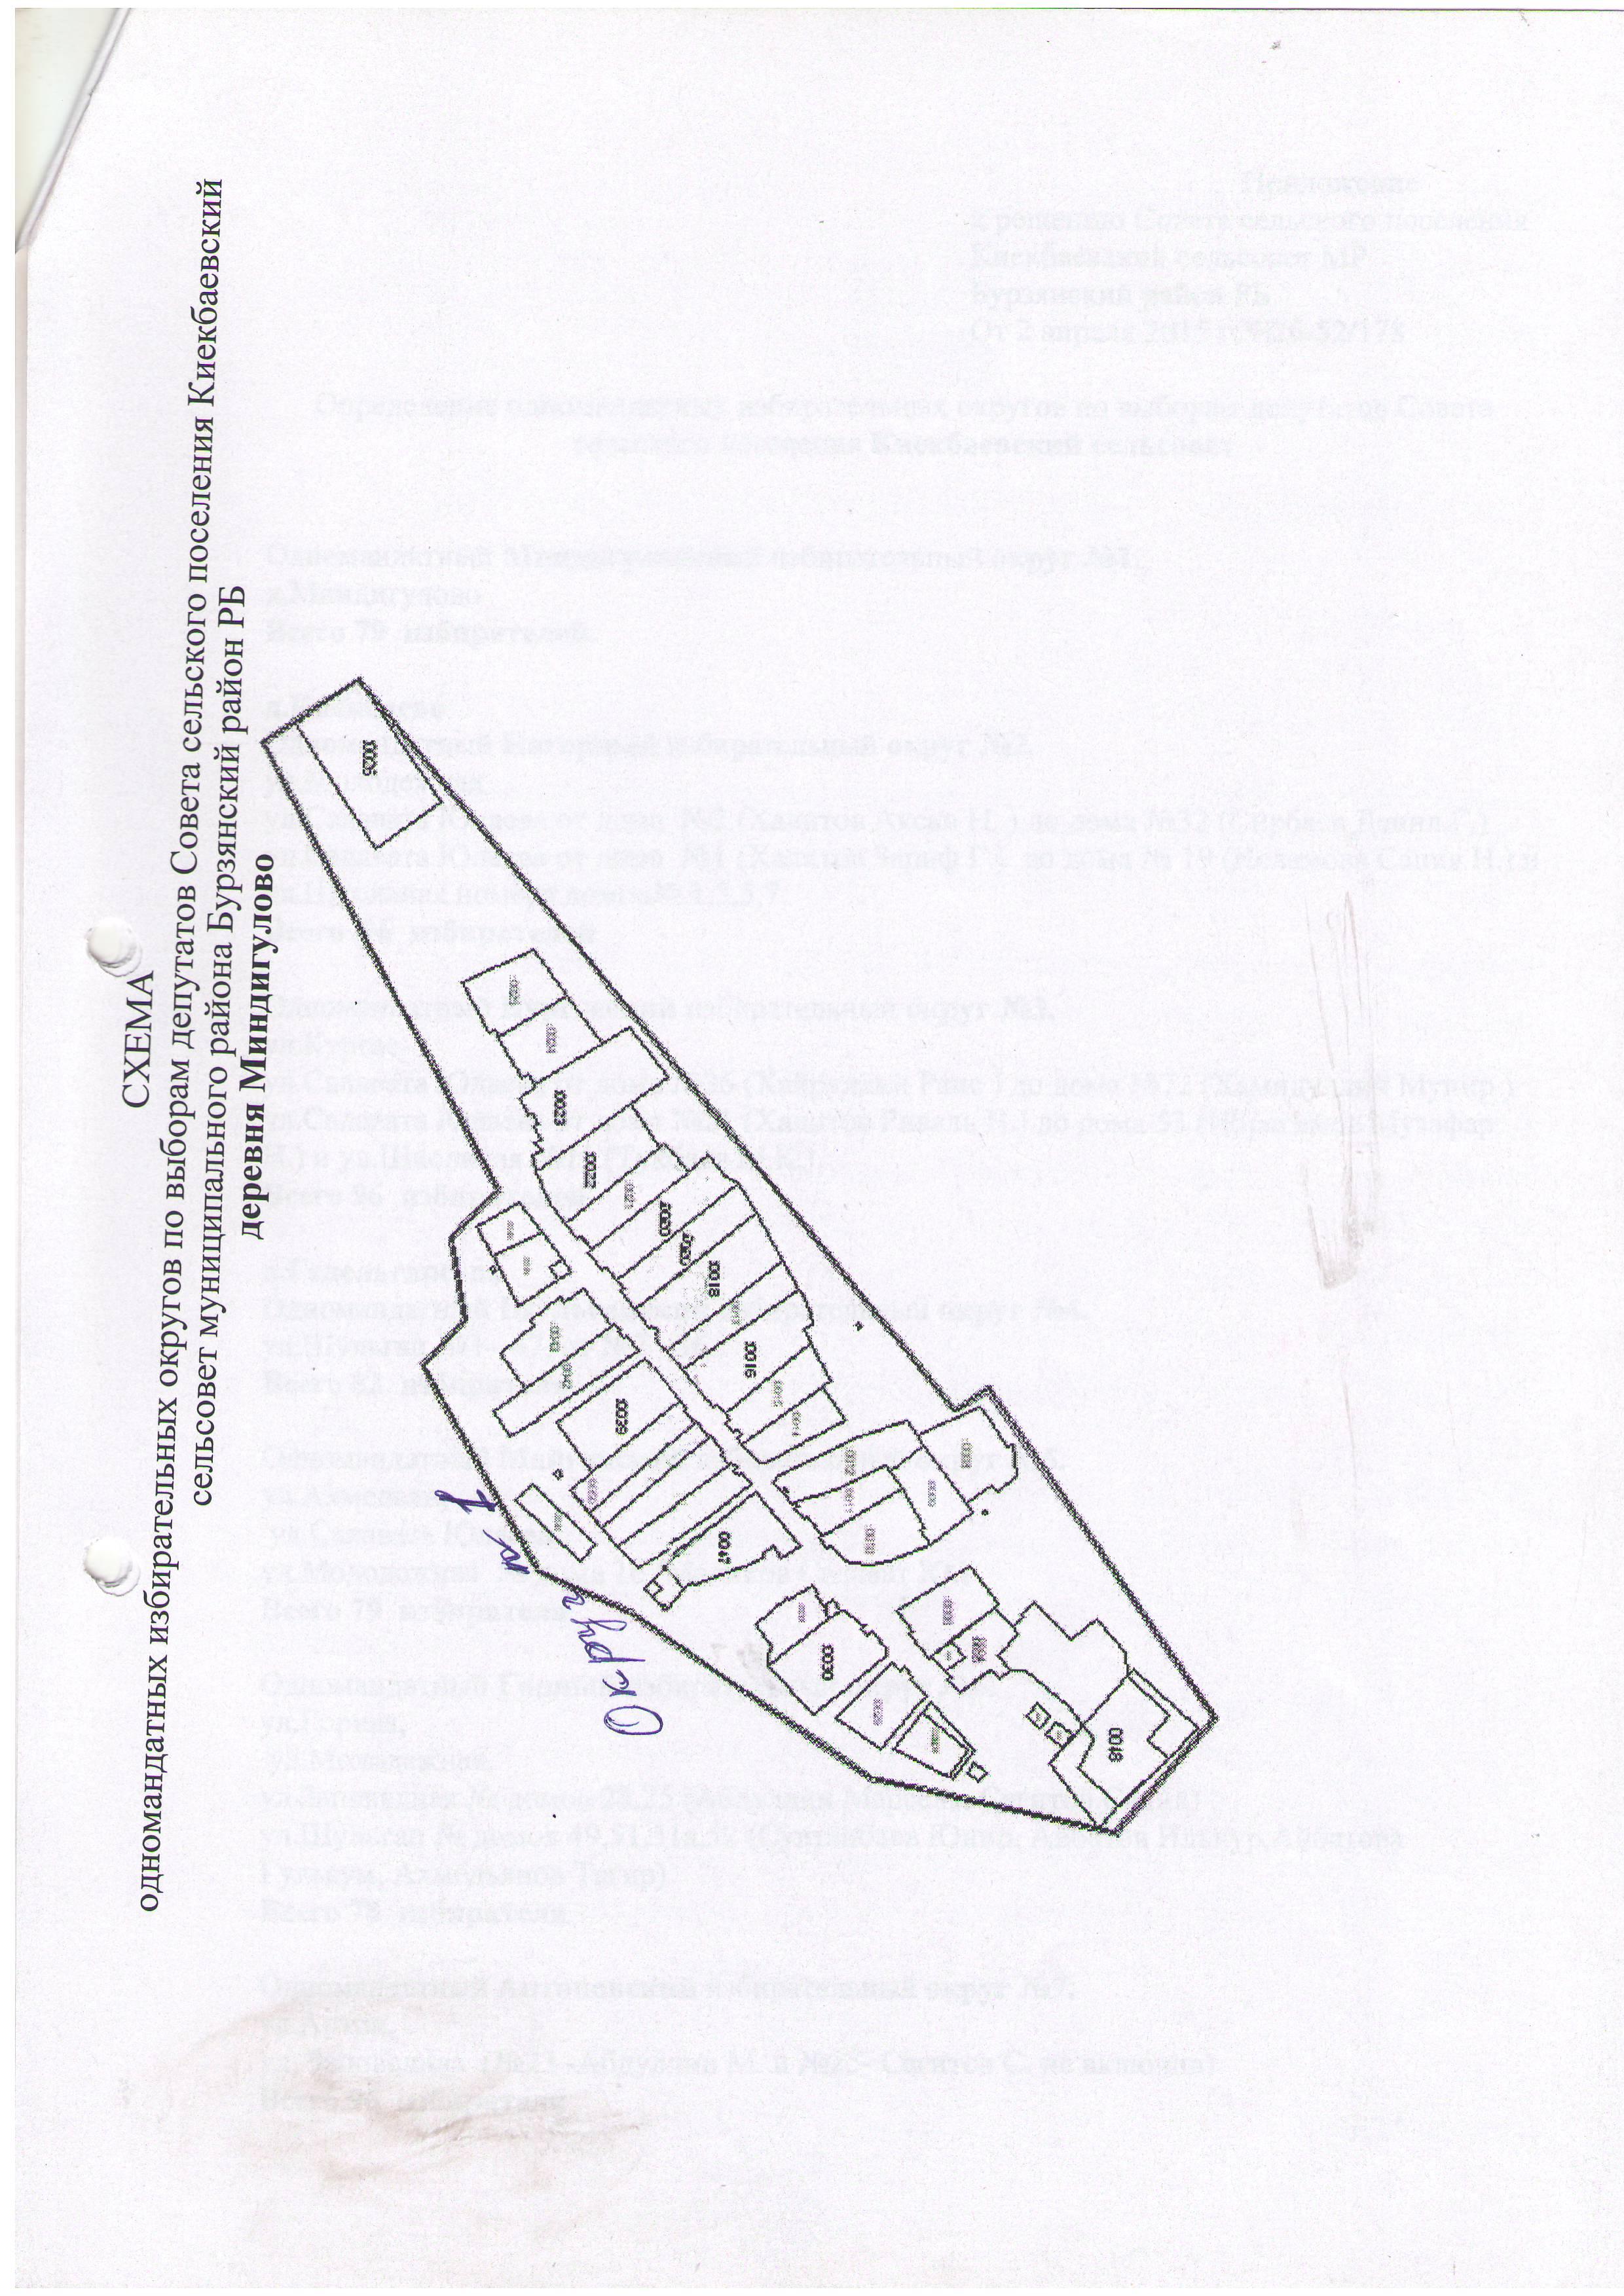 Схема избират. округа д.Миндигул (1)